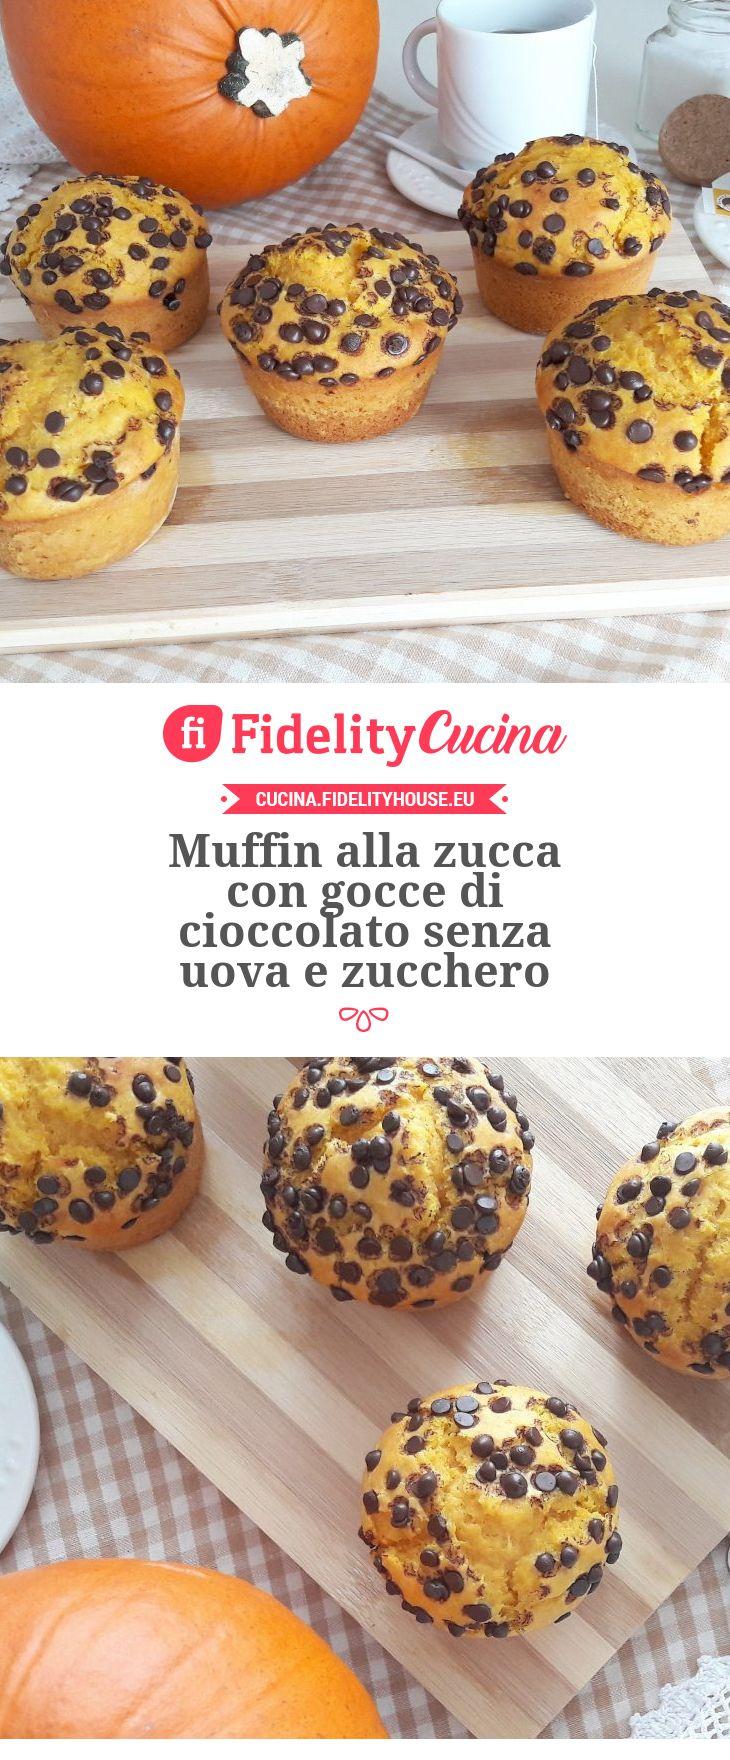 Muffin alla zucca con gocce di cioccolato senza uova e zucchero